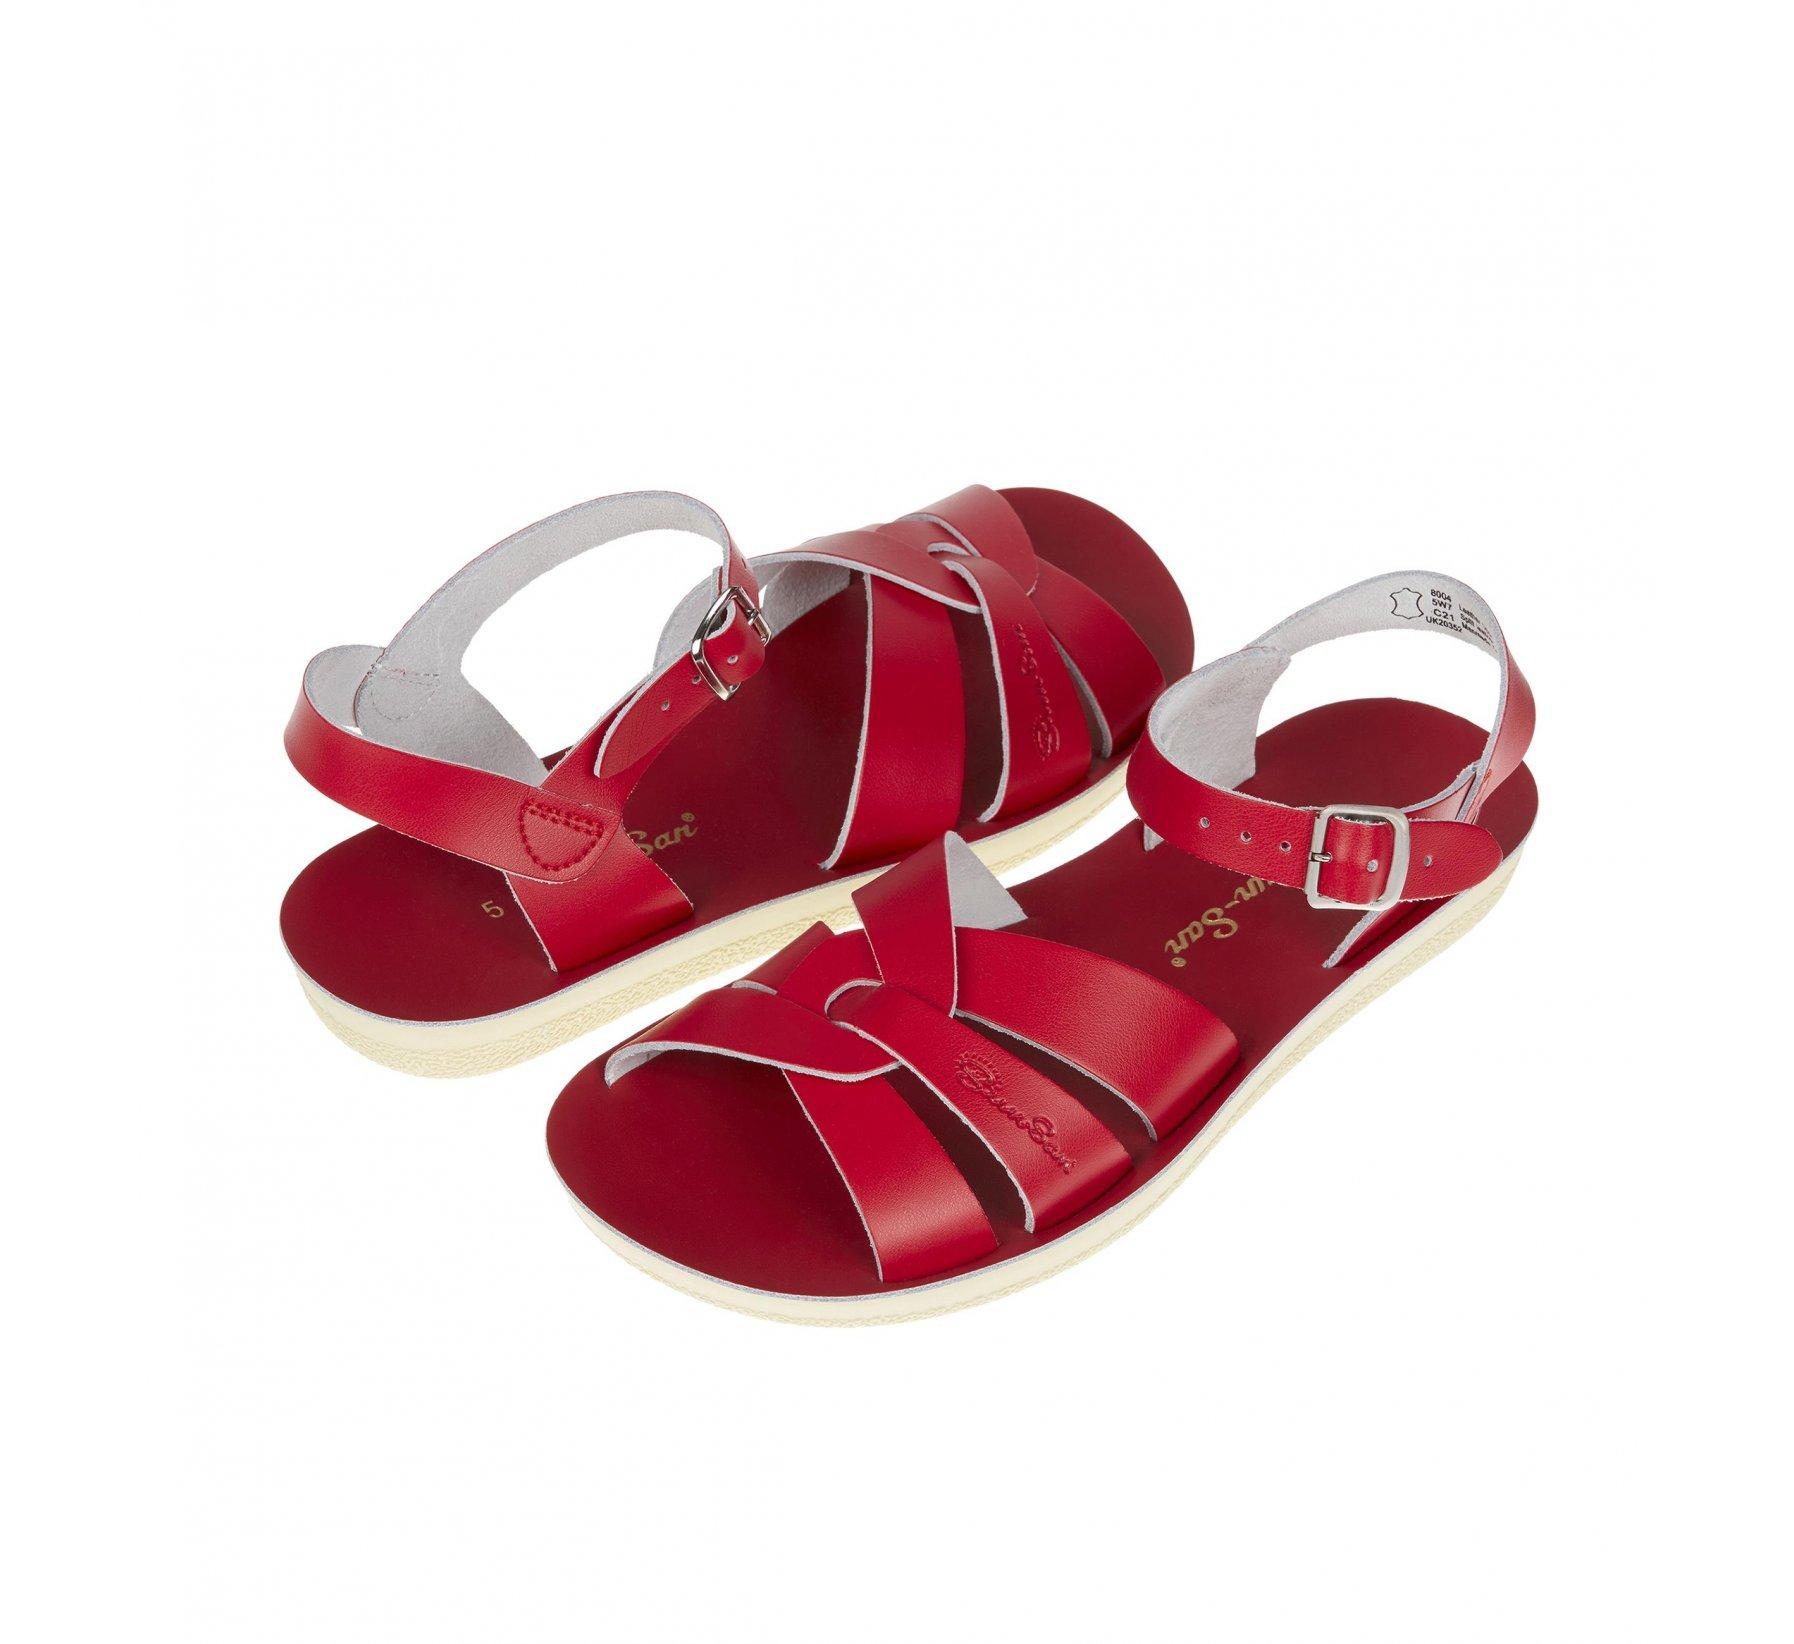 Swimmer Red - Salt Water Sandals